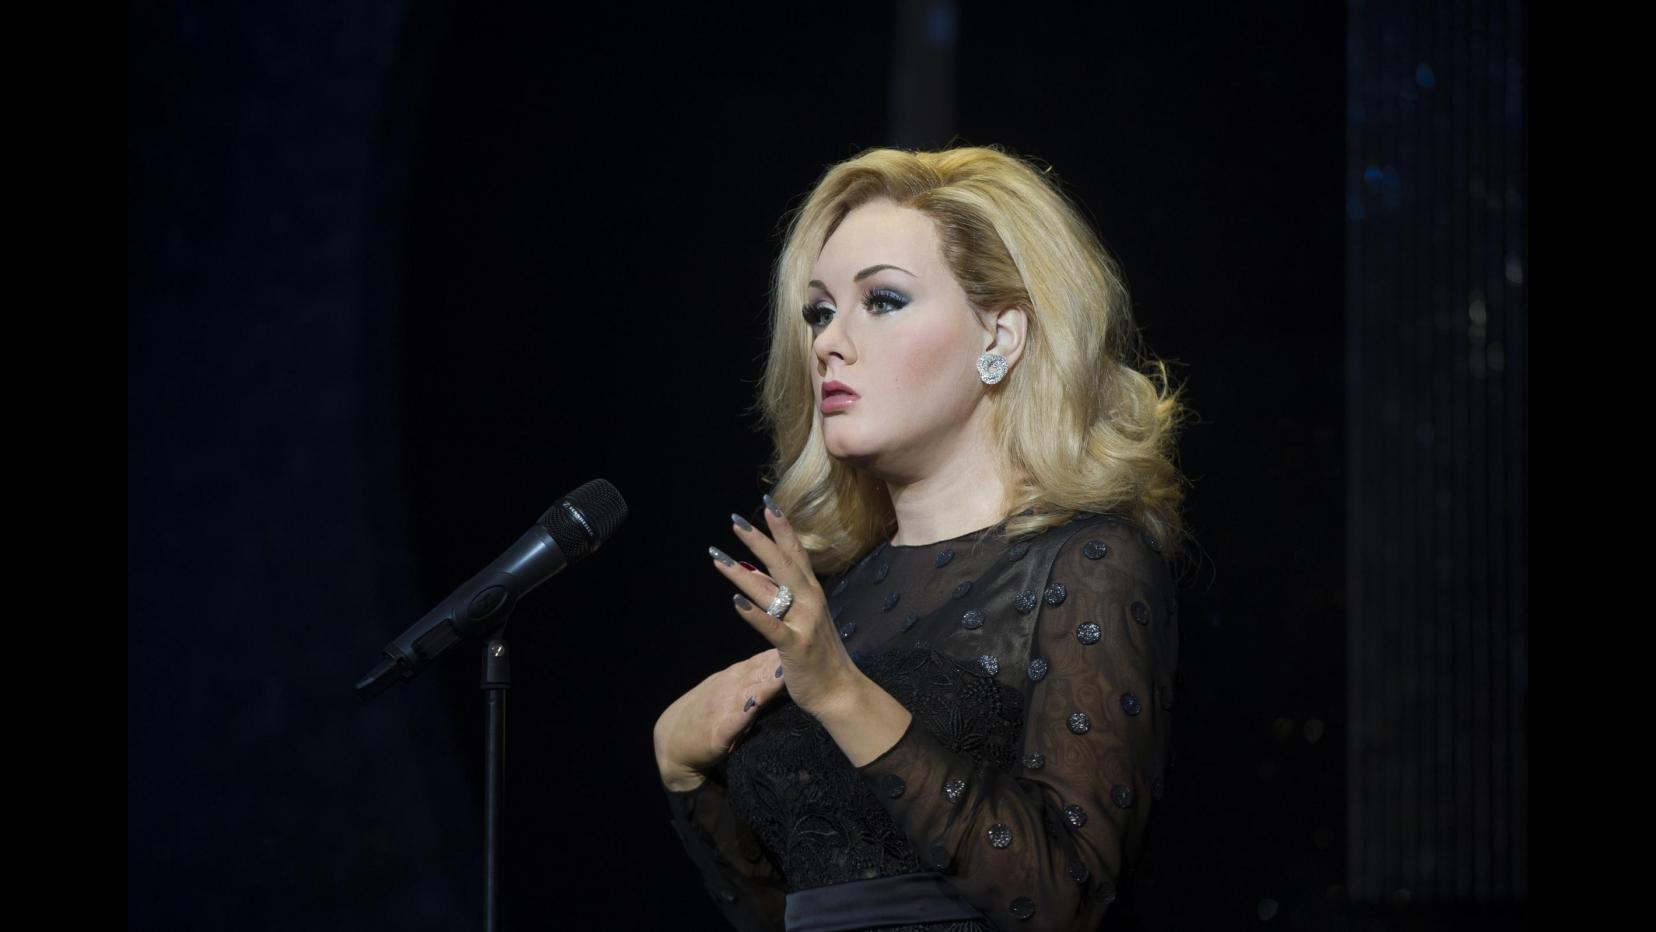 Adele è tornata: Esce  'Hello', a novembre nuovo album